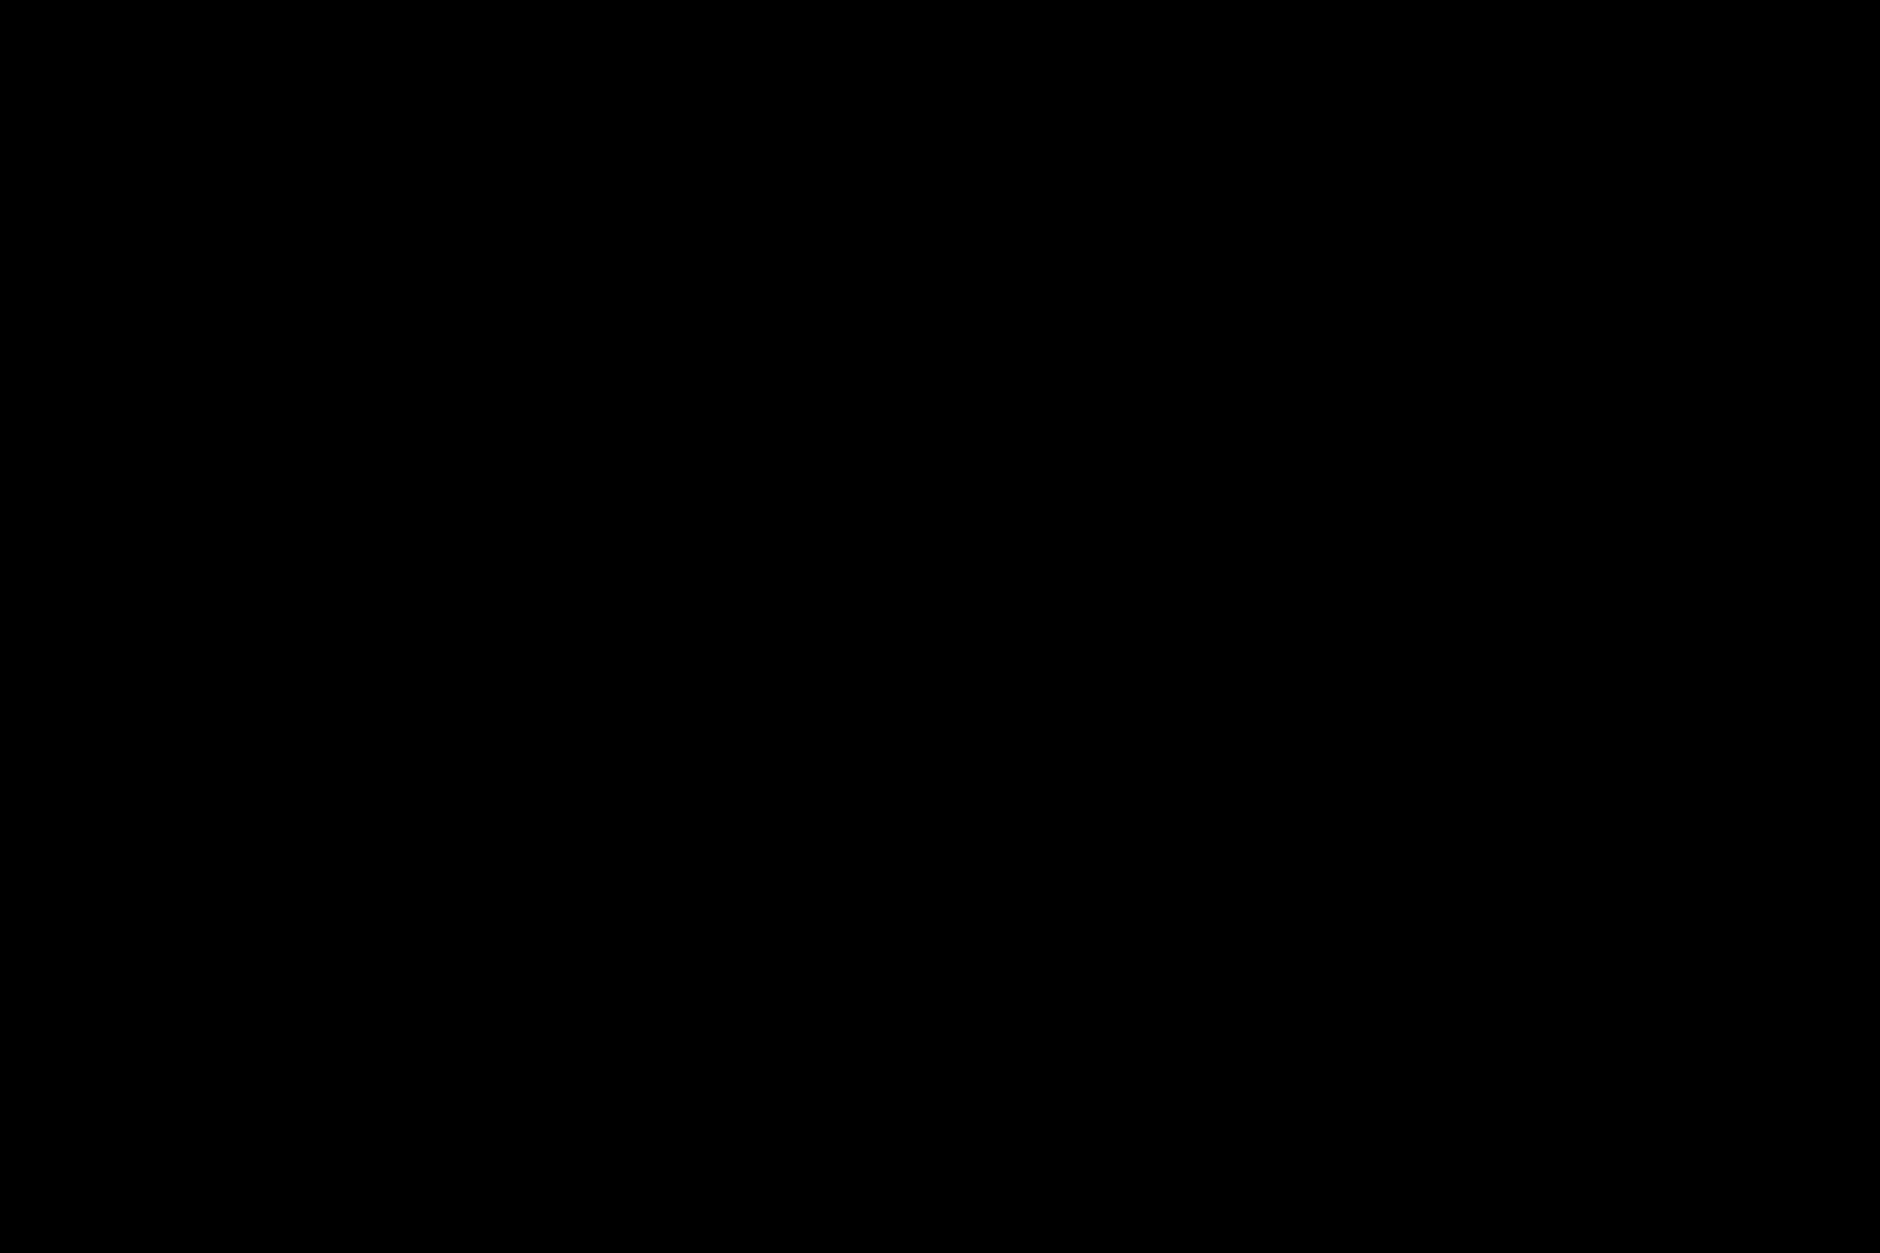 Pagamento do Subsídio de Refeição durante o Teletrabalho